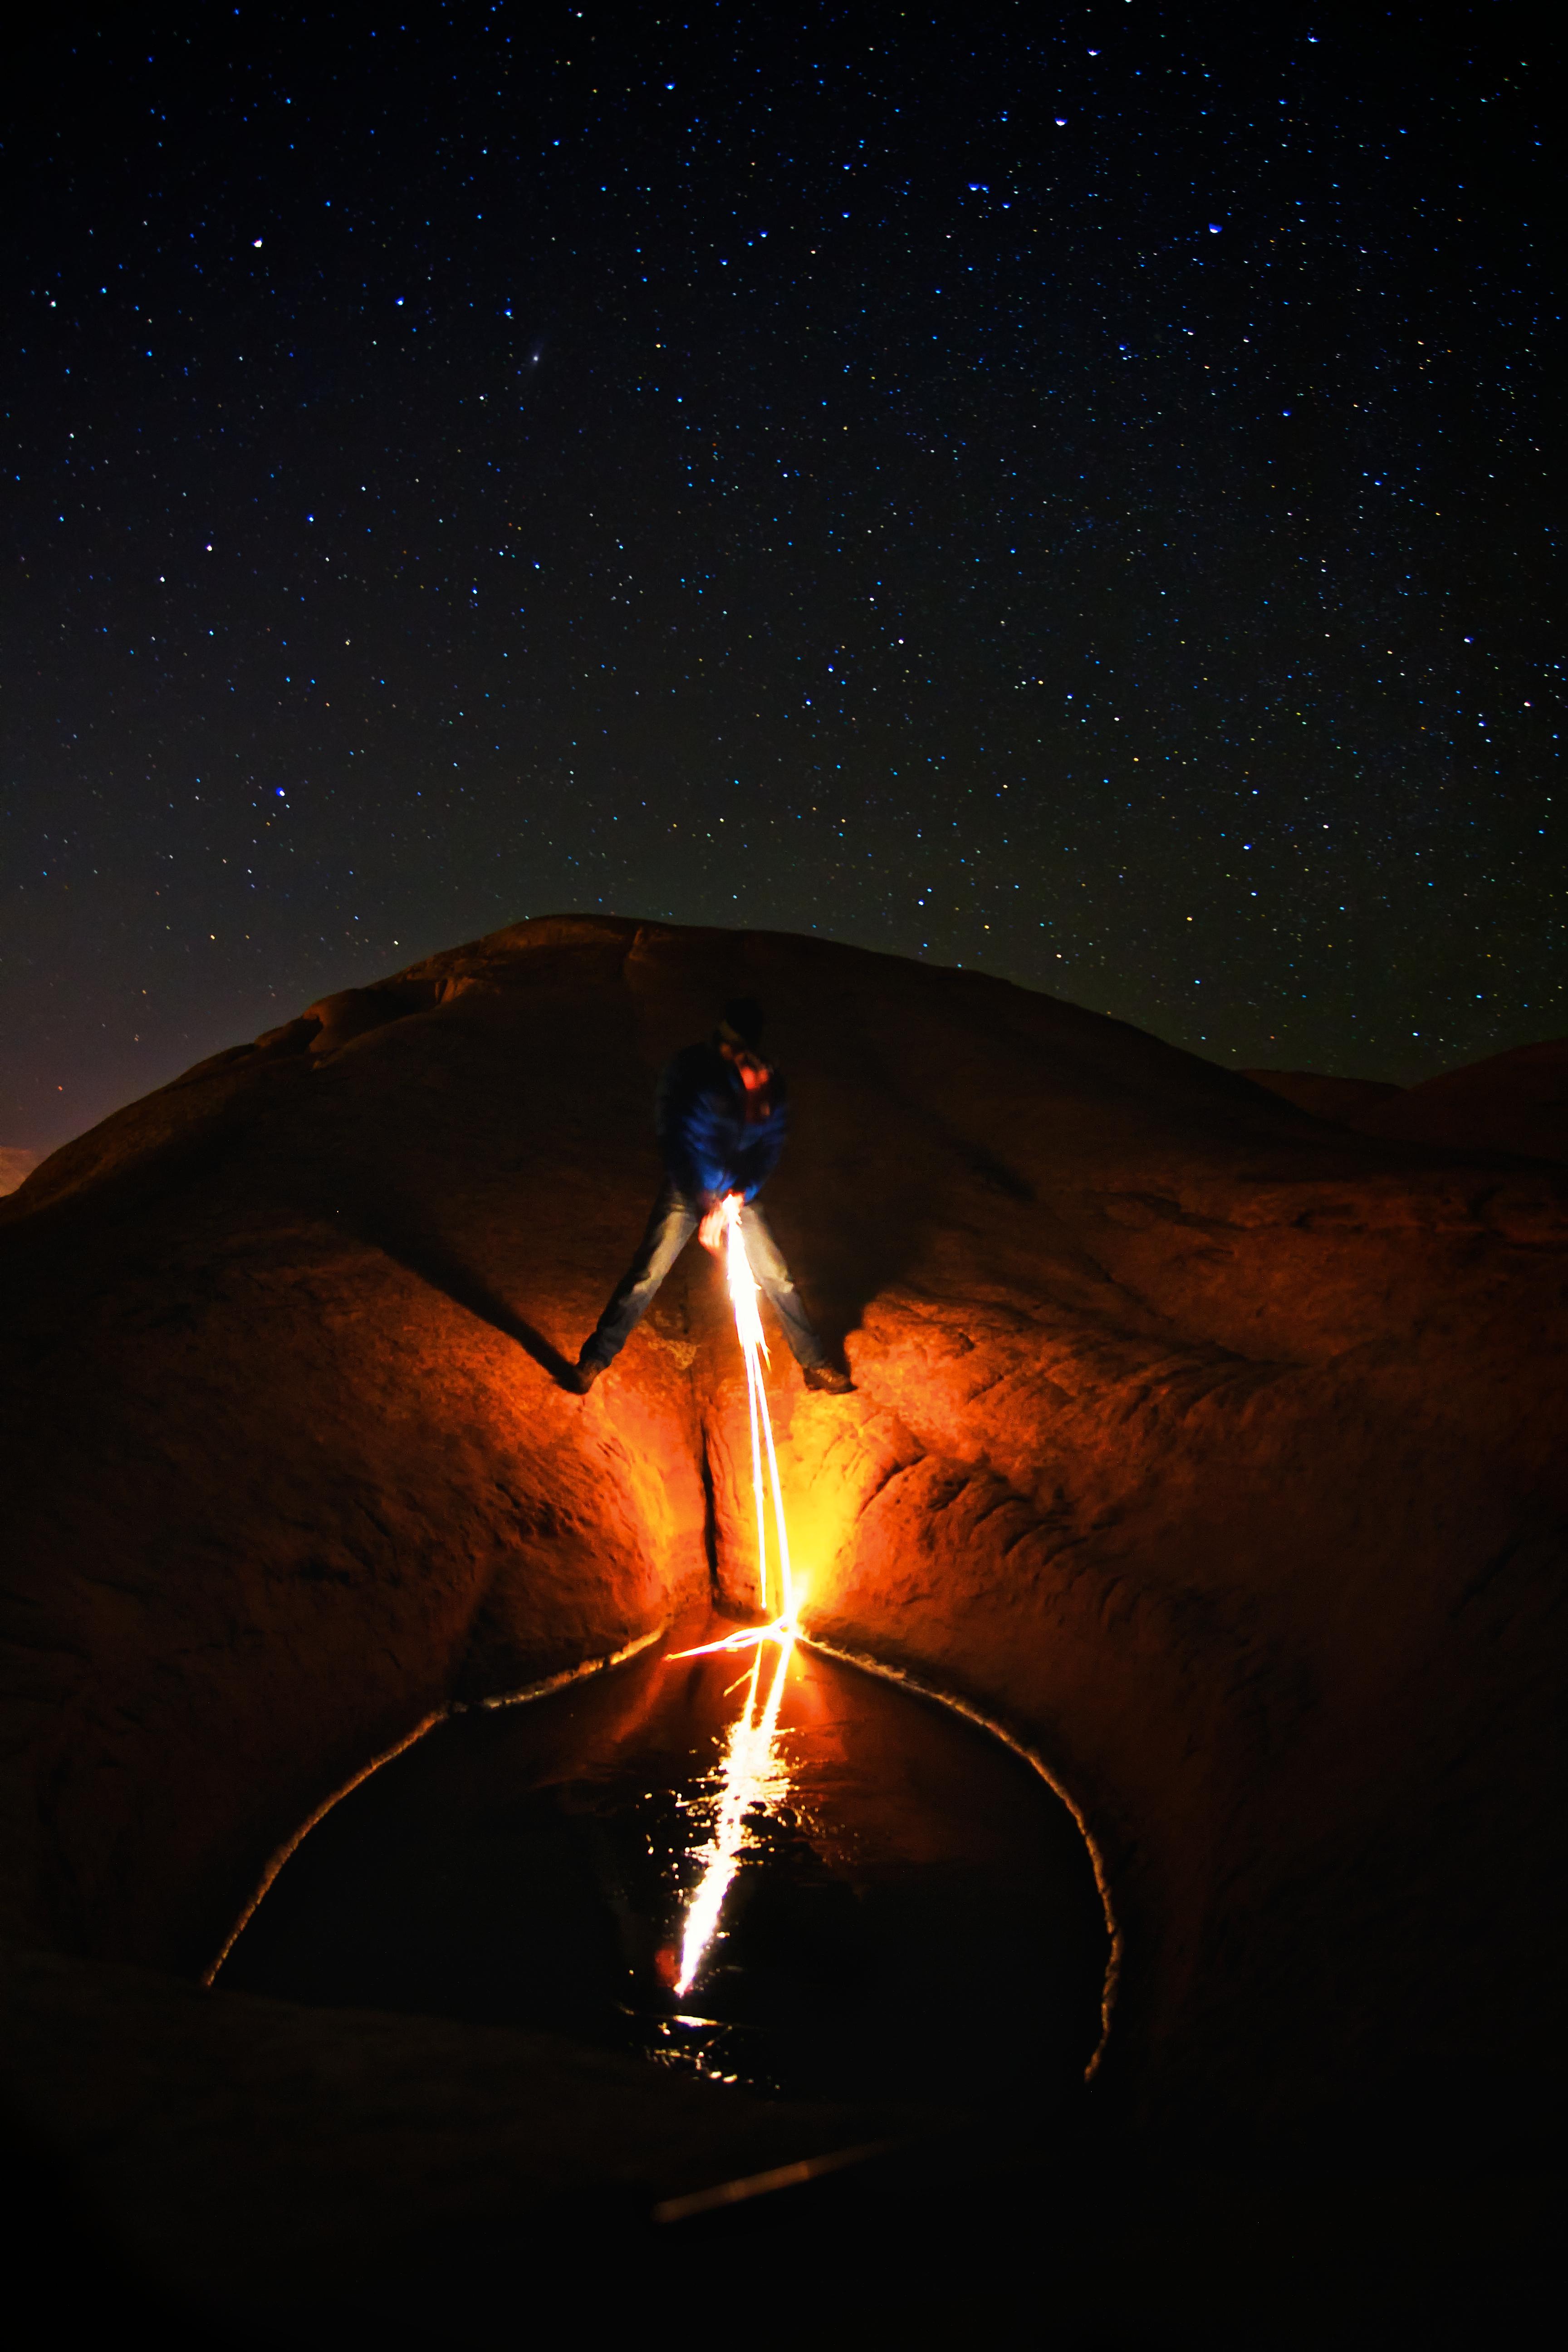 Fotos gratis : ligero, noche, estrella, retrato, canon, fuego ...